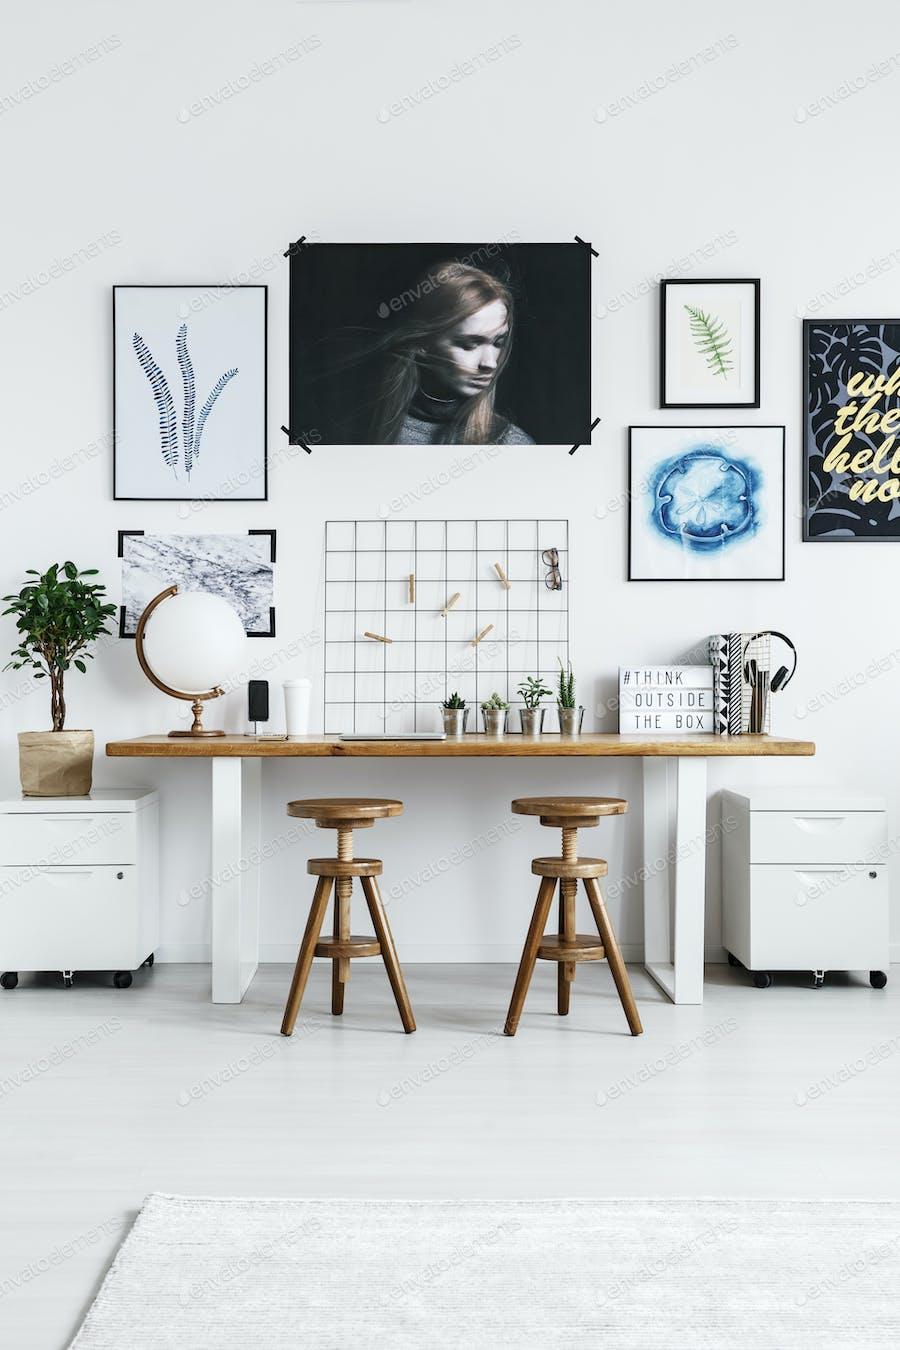 Download 49 Creative Desk Photos - Envato Elements